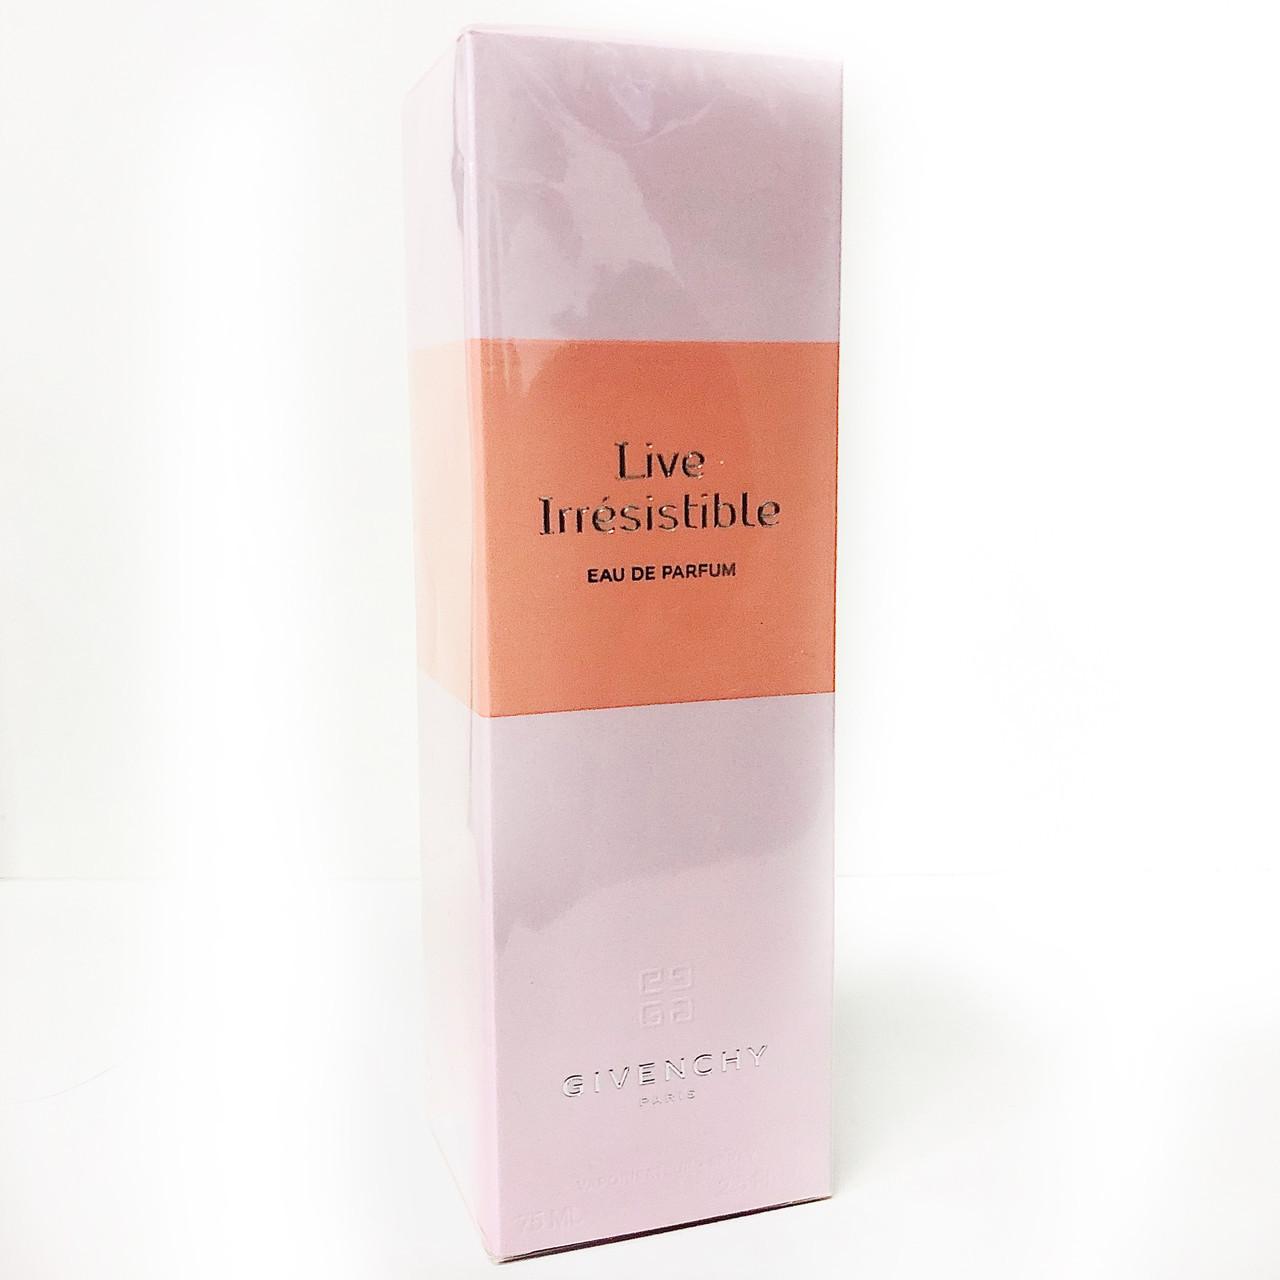 Оригинальный женский аромат GIVENCHY Live Irresistible 75ml  ОРИГИНАЛ парфюмированная вода, цветочно-фруктовый